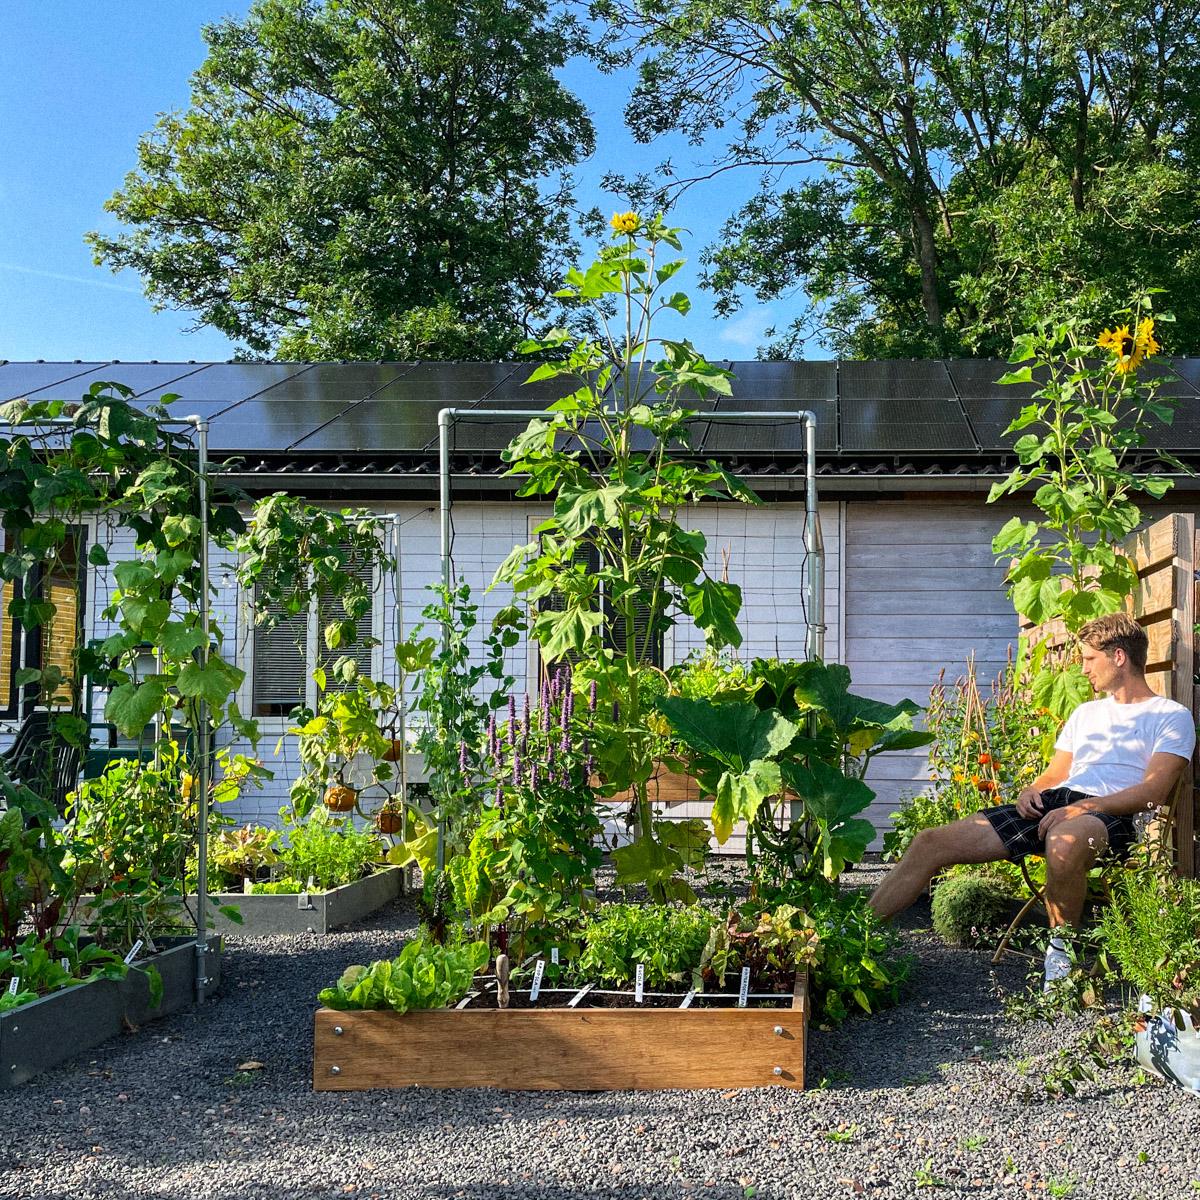 blog-1-sept-2021-tour-of-the-planty-garden10.jpg